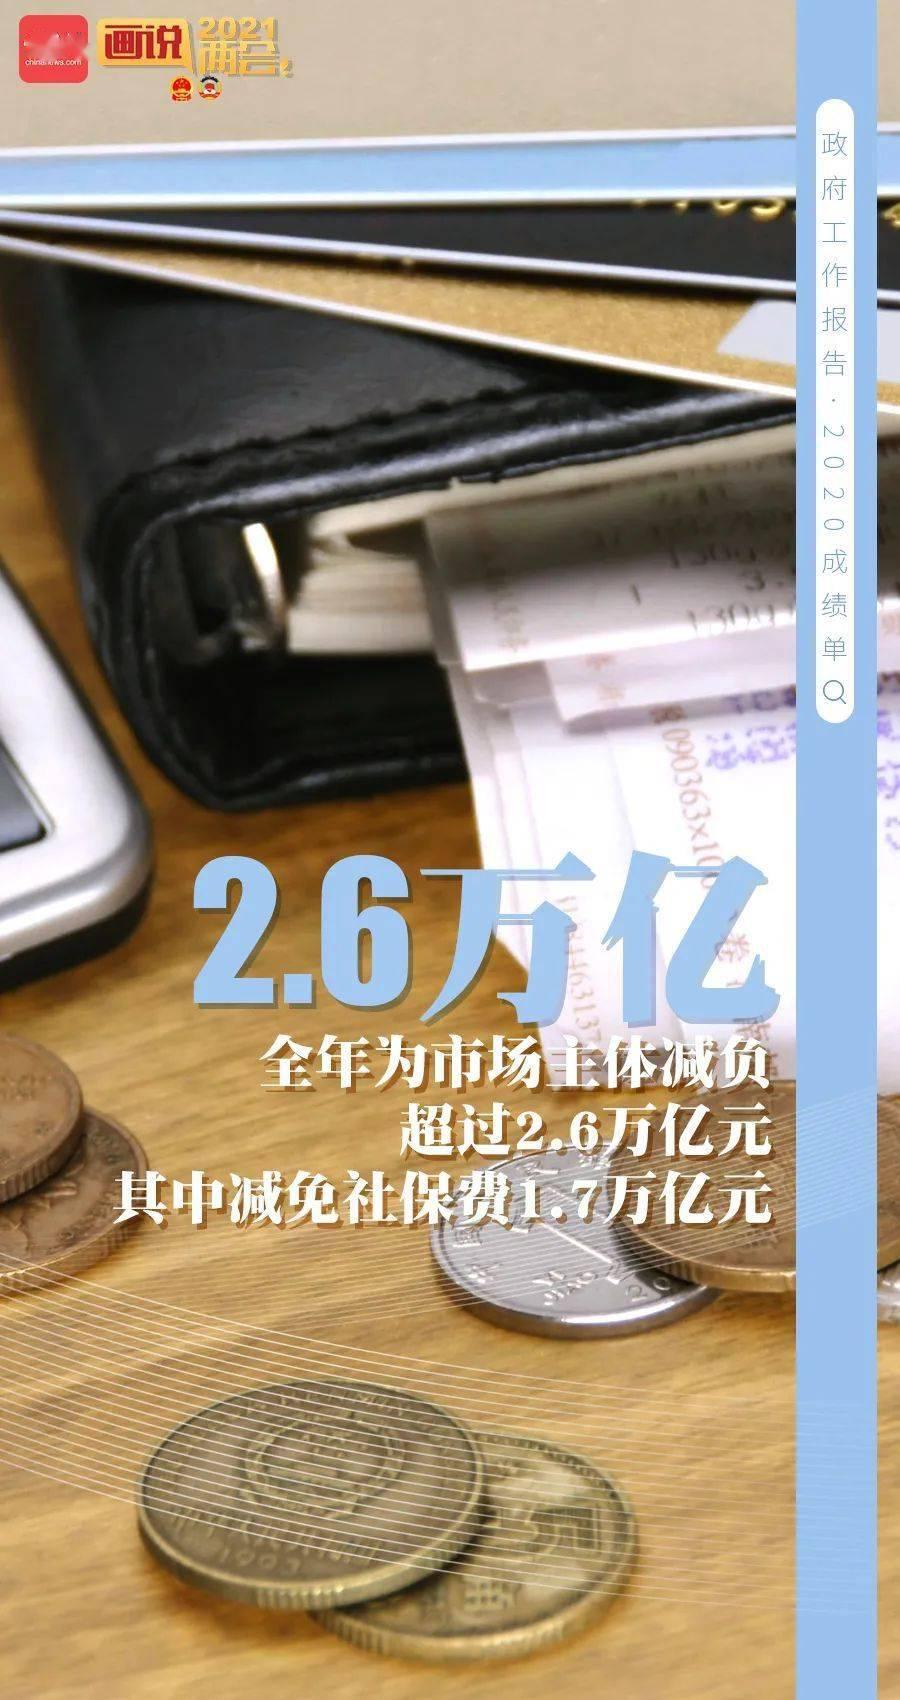 21张海报GET2021年政府工作报告